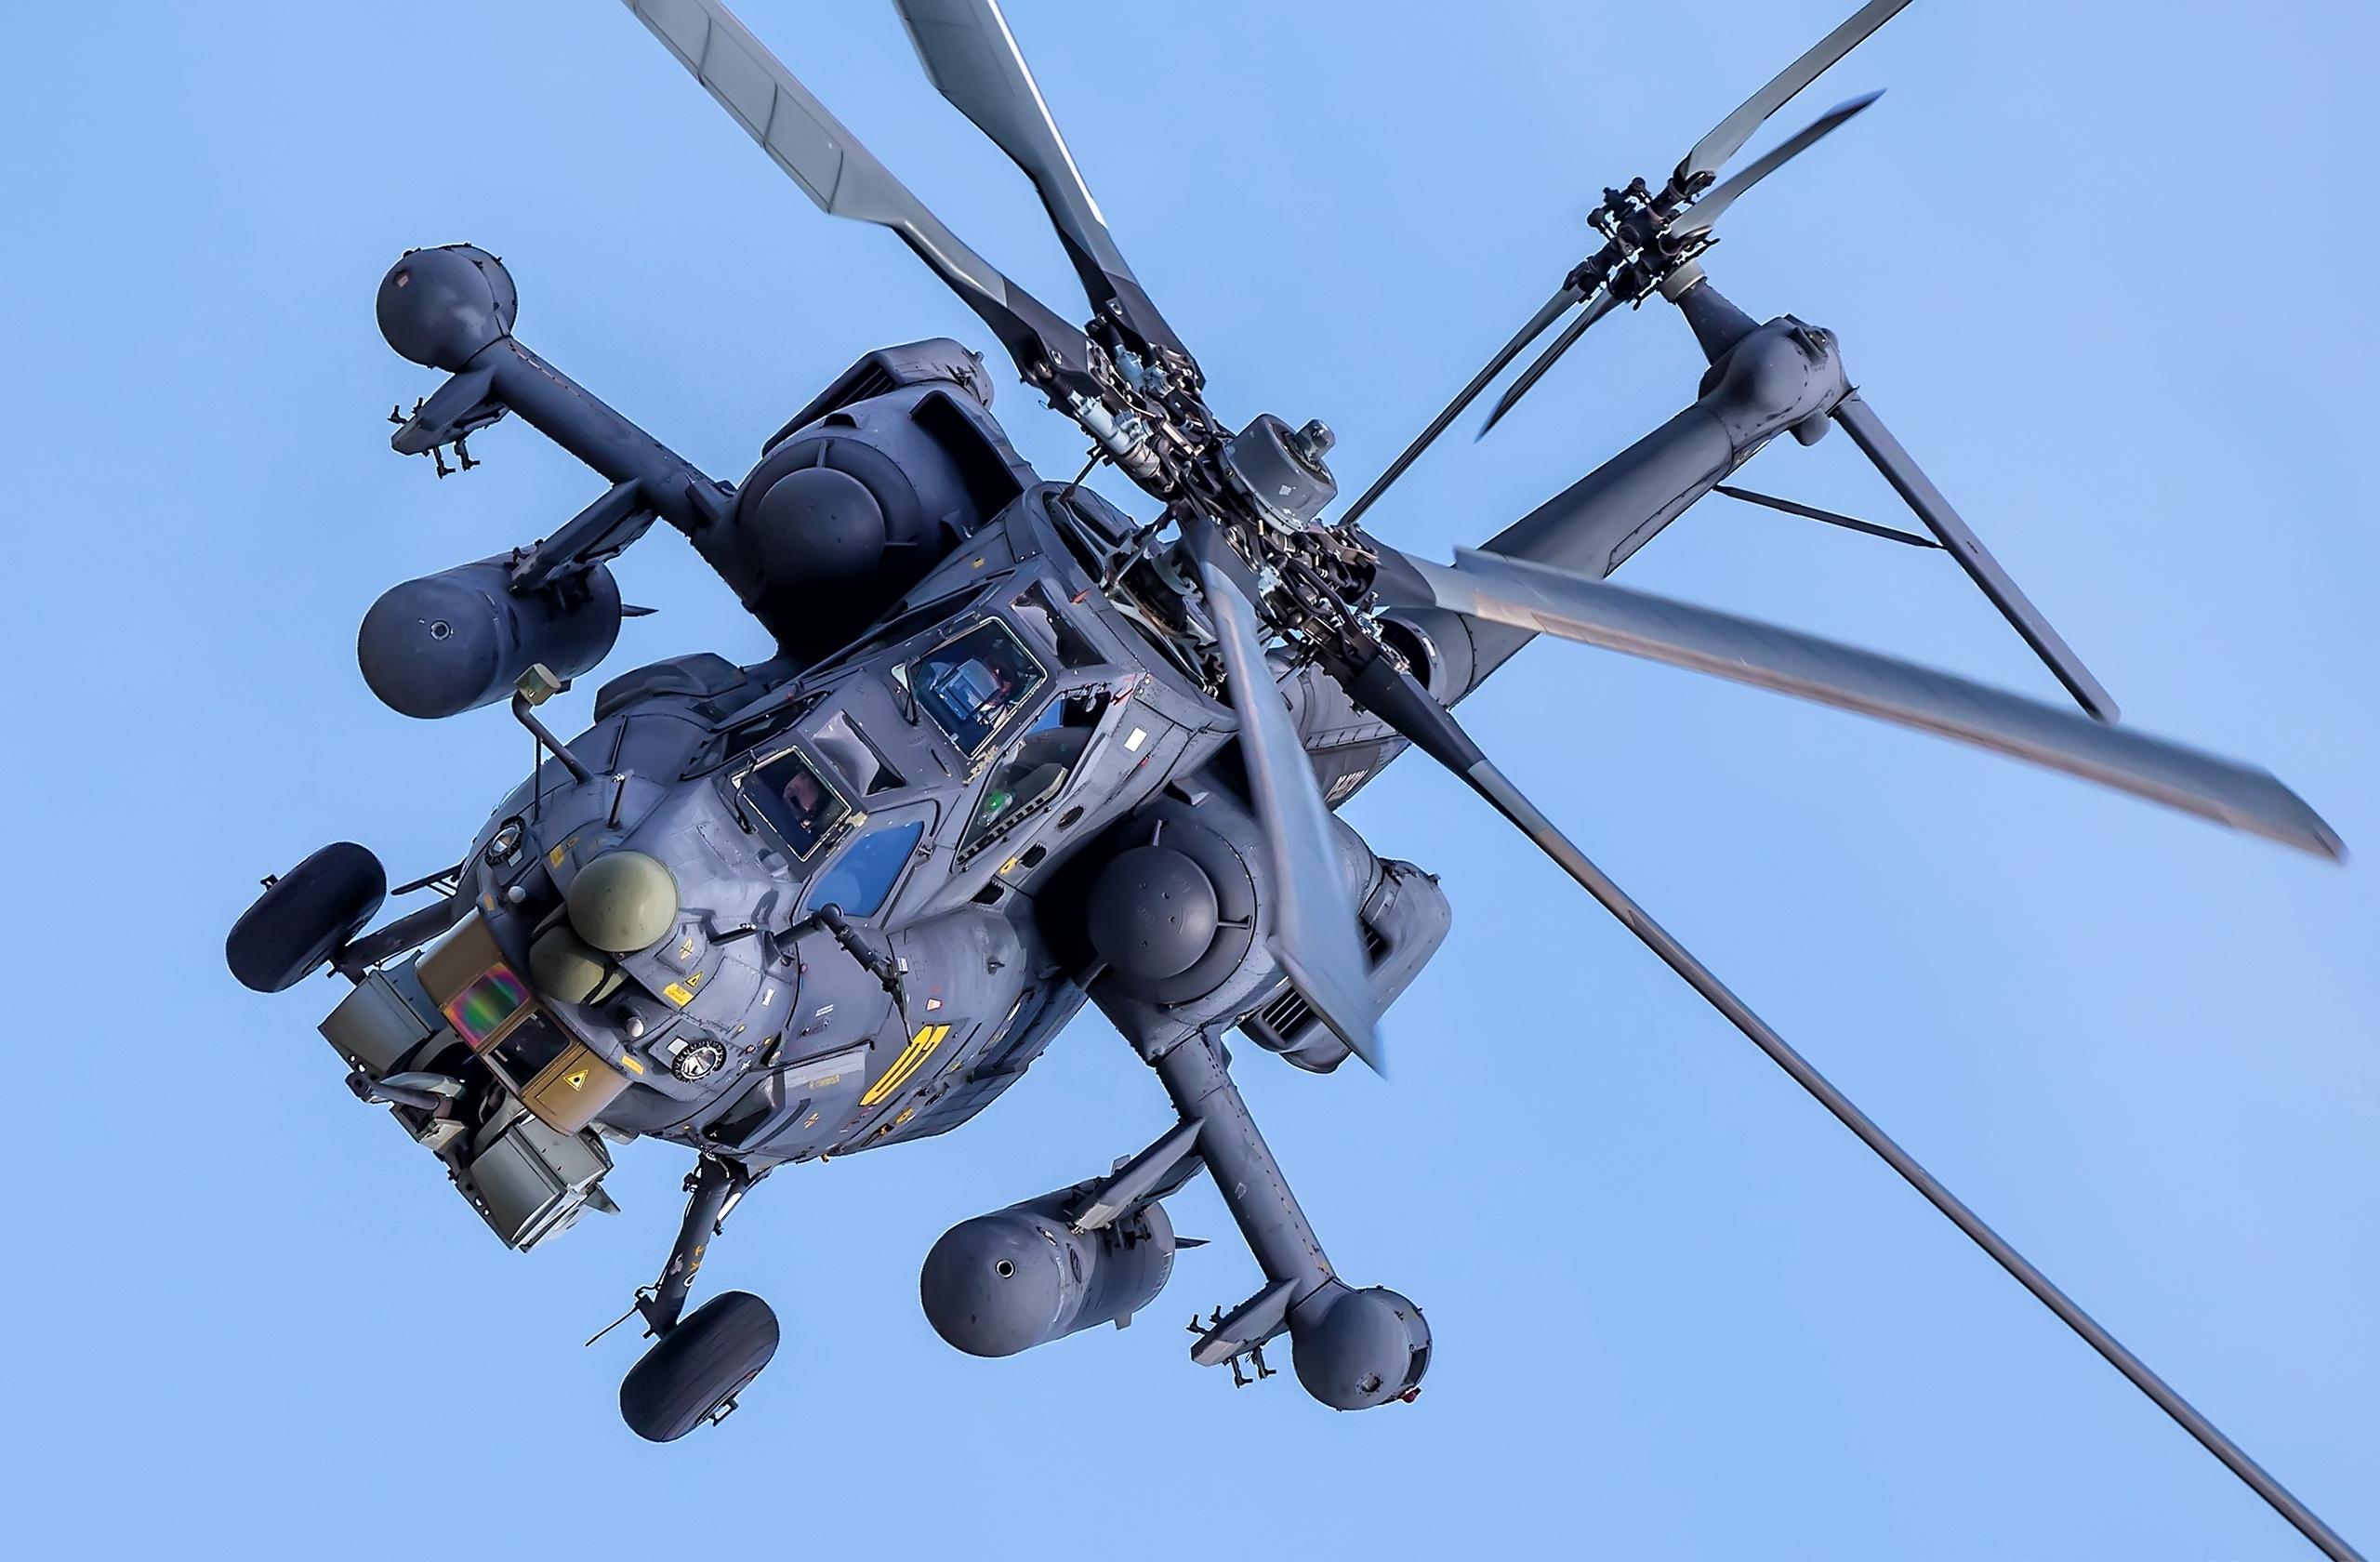 Fotos Hubschrauber russischer Mil Mi-28H Luftfahrt Russische russisches